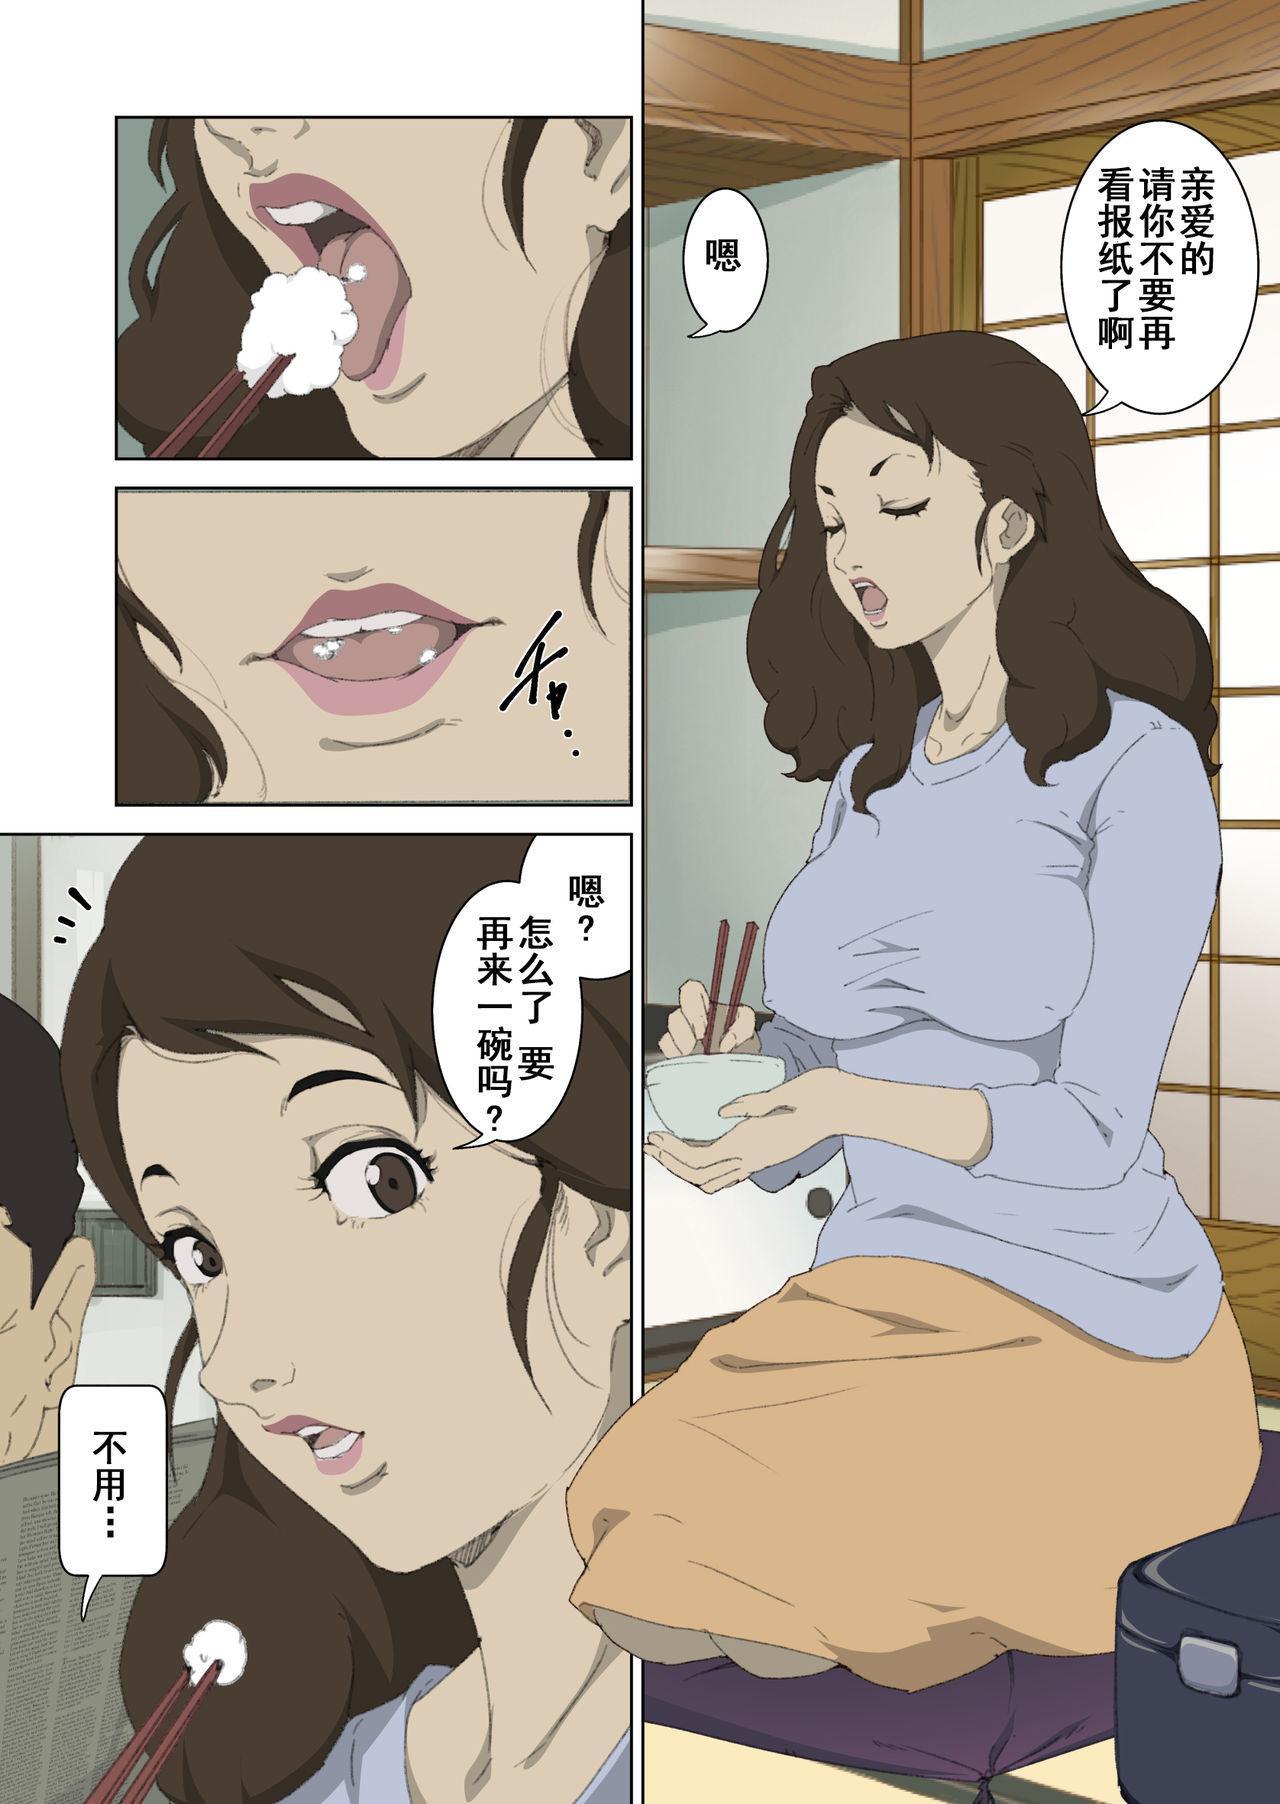 Ryoushin ga Neteiru Shinshitsu ni Shinobikomi, Hahaoya ni Yobai o Kakeru Musuko no Hanashi. 2